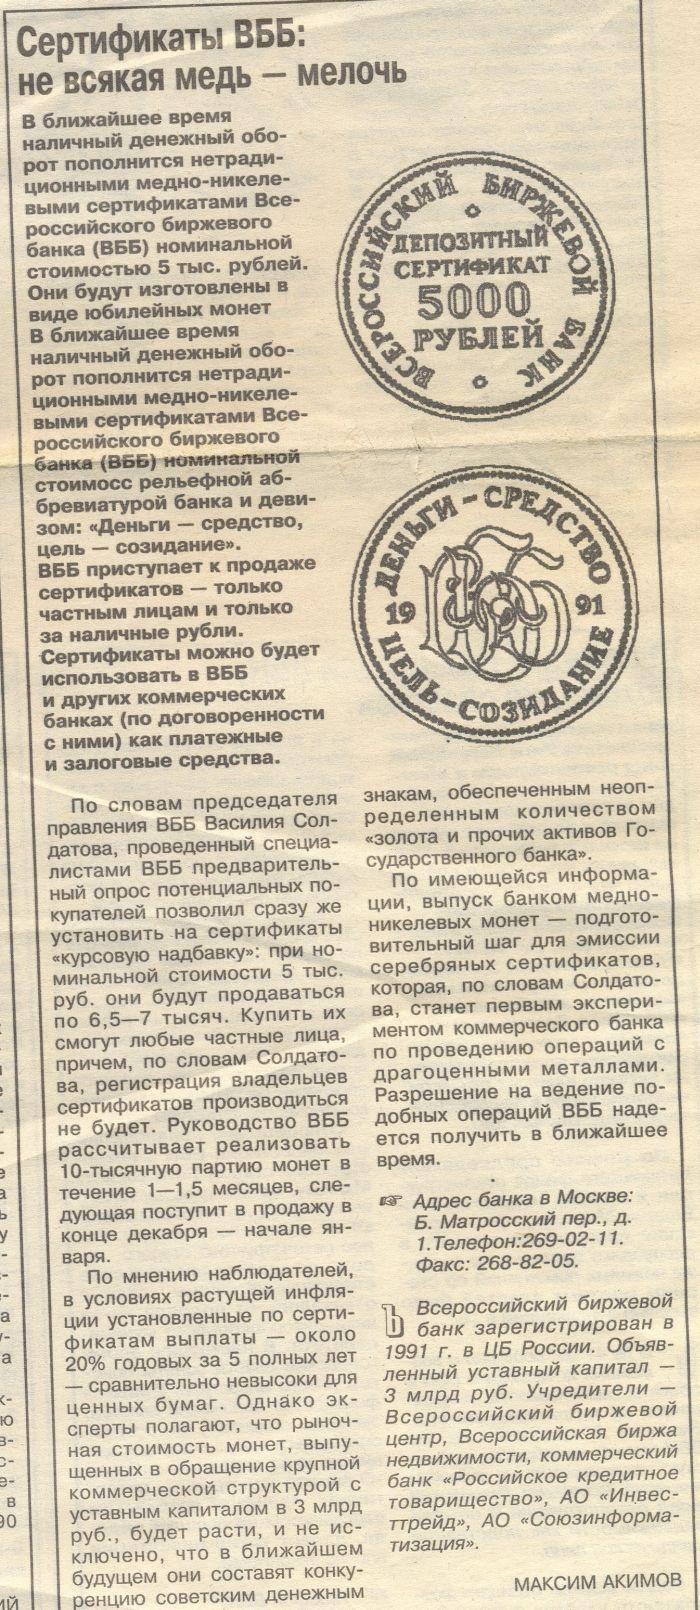 расчетный сертификат всероссийского биржевого банка